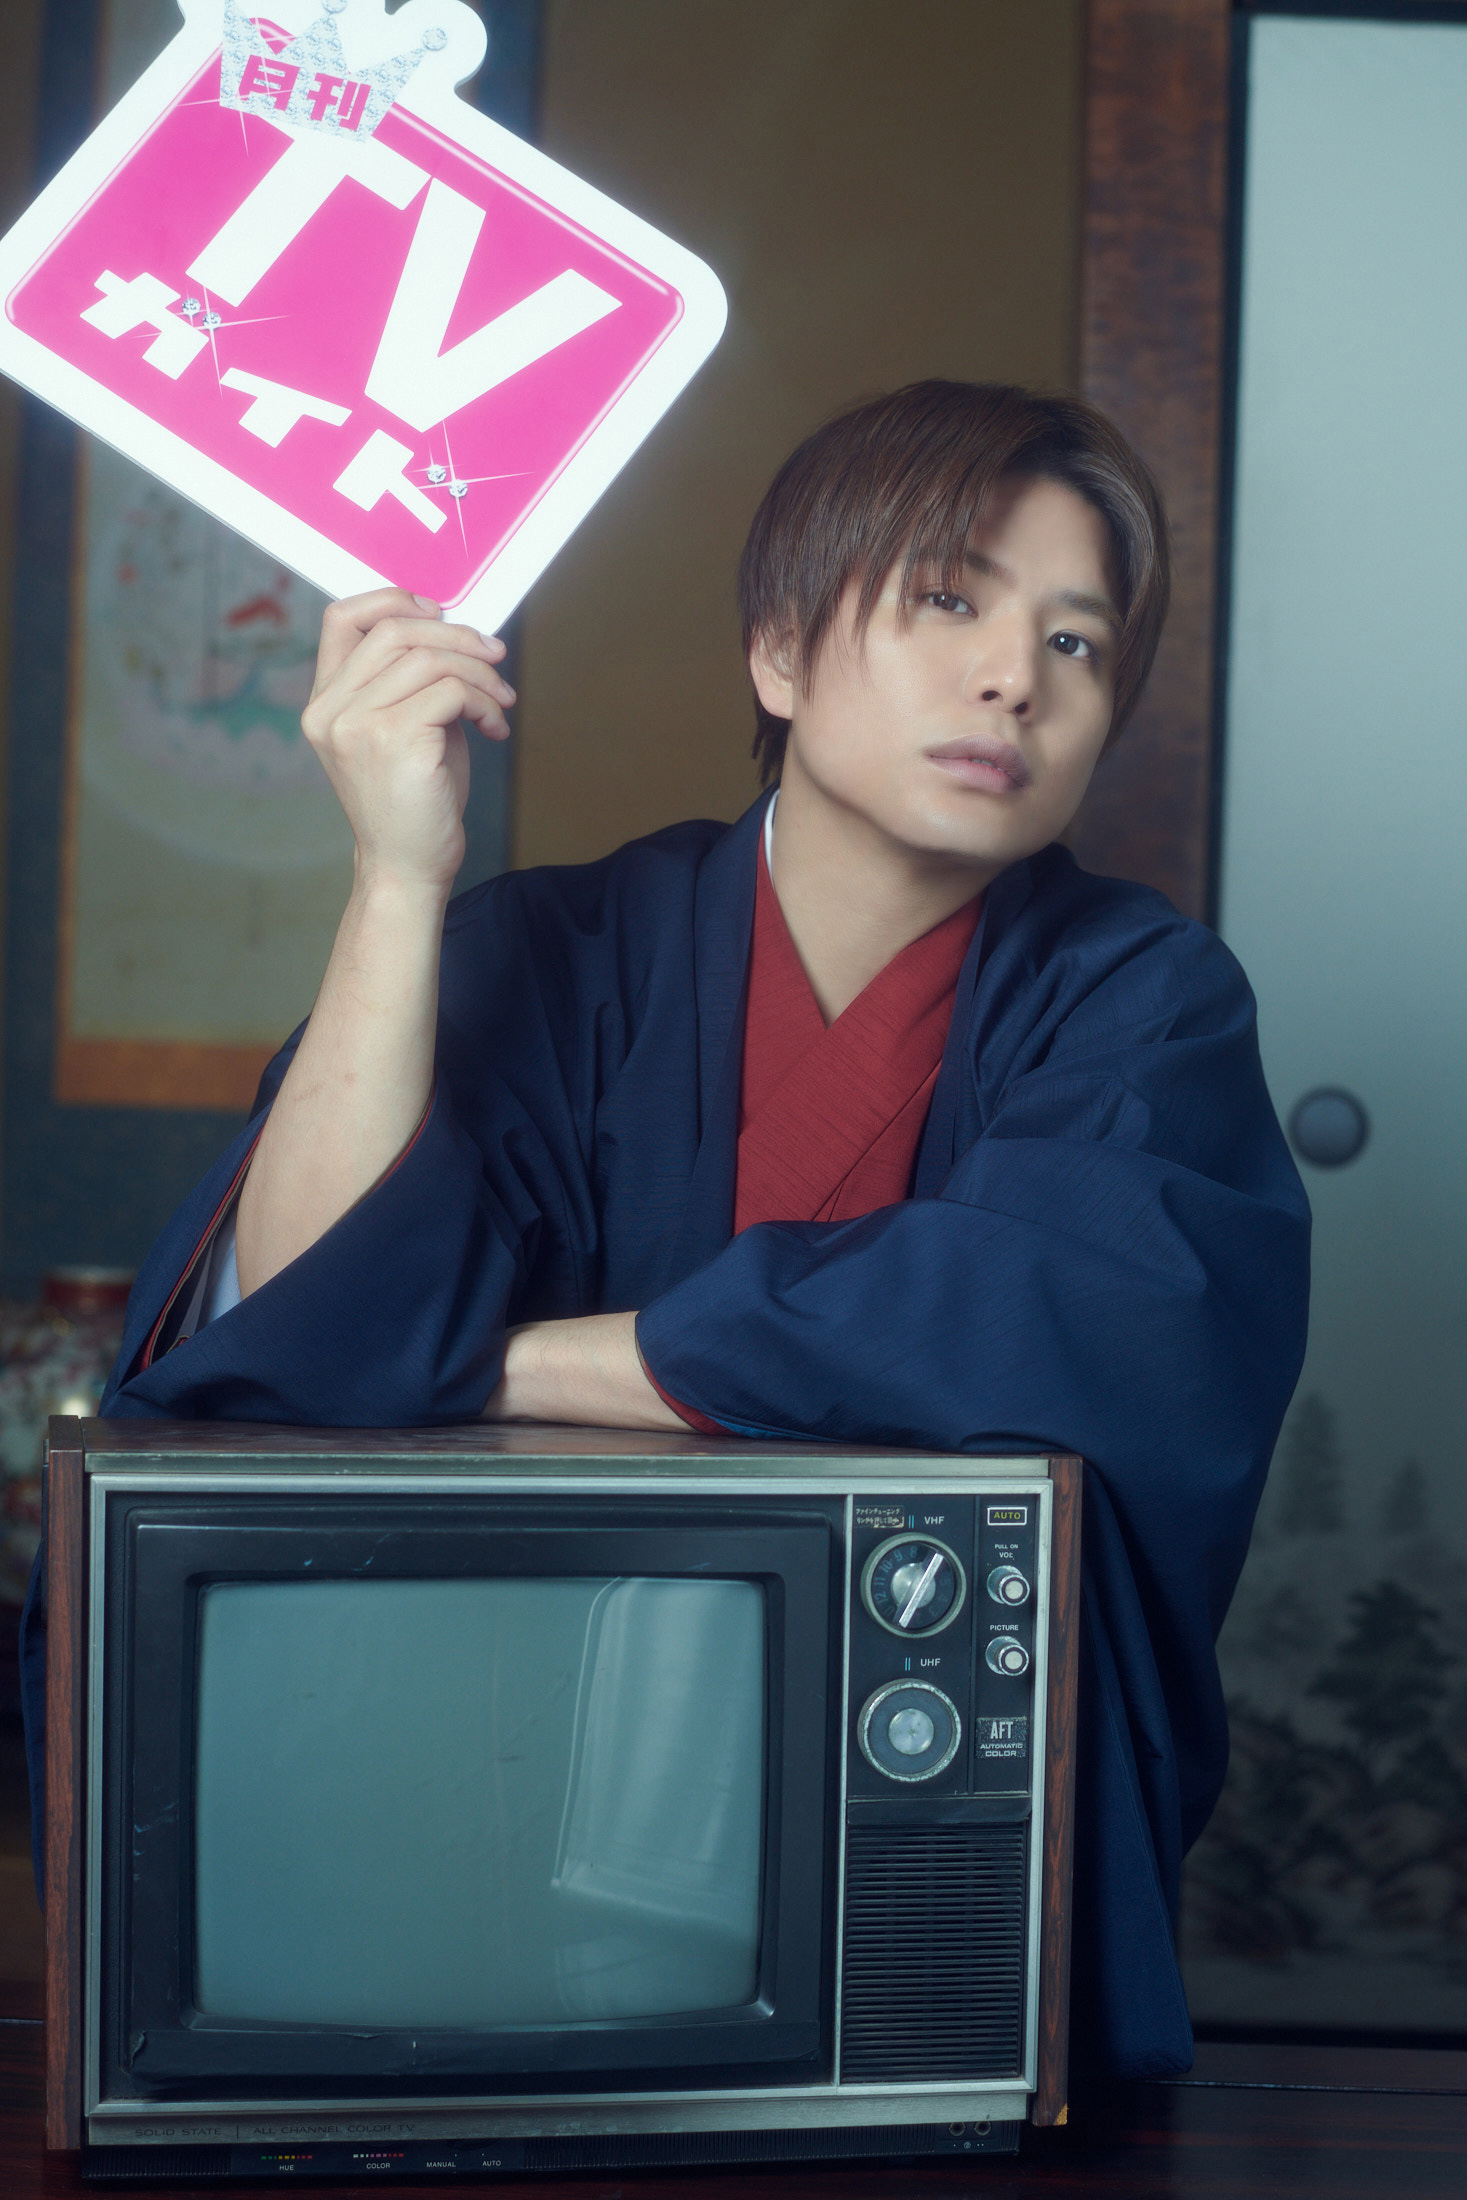 声優・仲村宗悟さんが読者の声にお応えして「月刊TVガイド」にまたまた登場!年初にふさわしい和装姿を披露